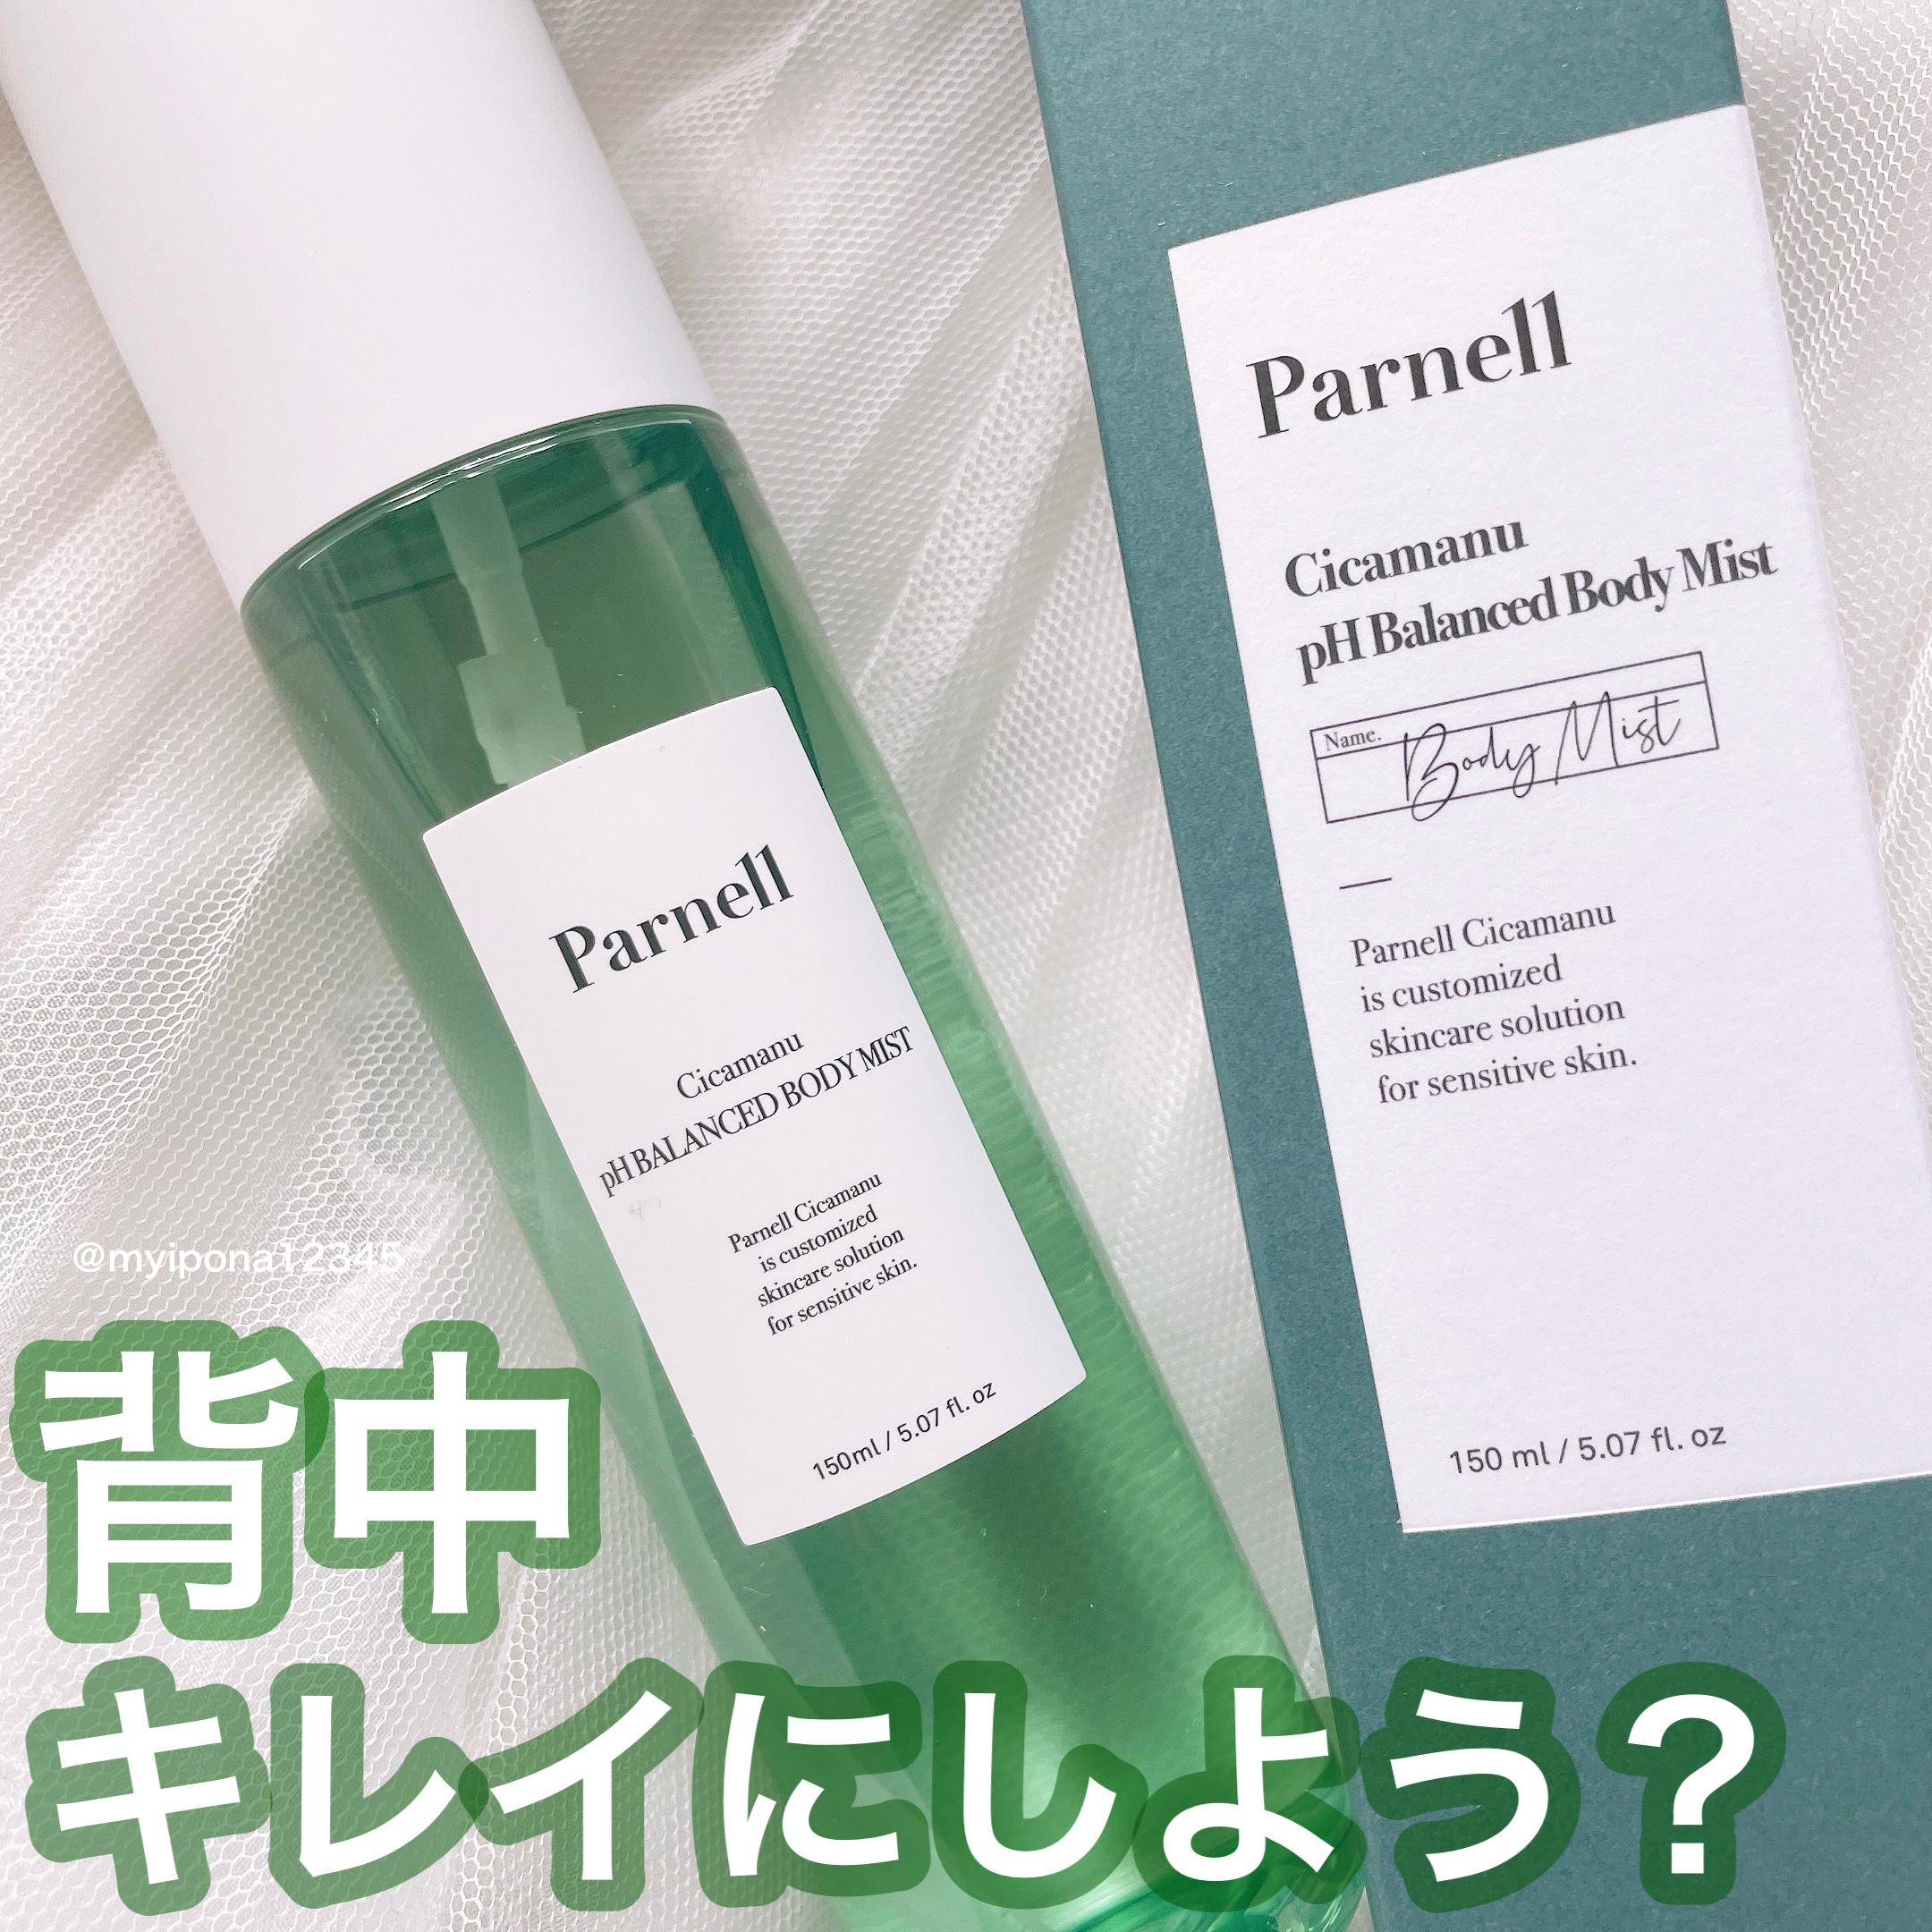 Parnell(パネル)シカマヌボディミストを使ったみぃぽなさんのクチコミ画像1